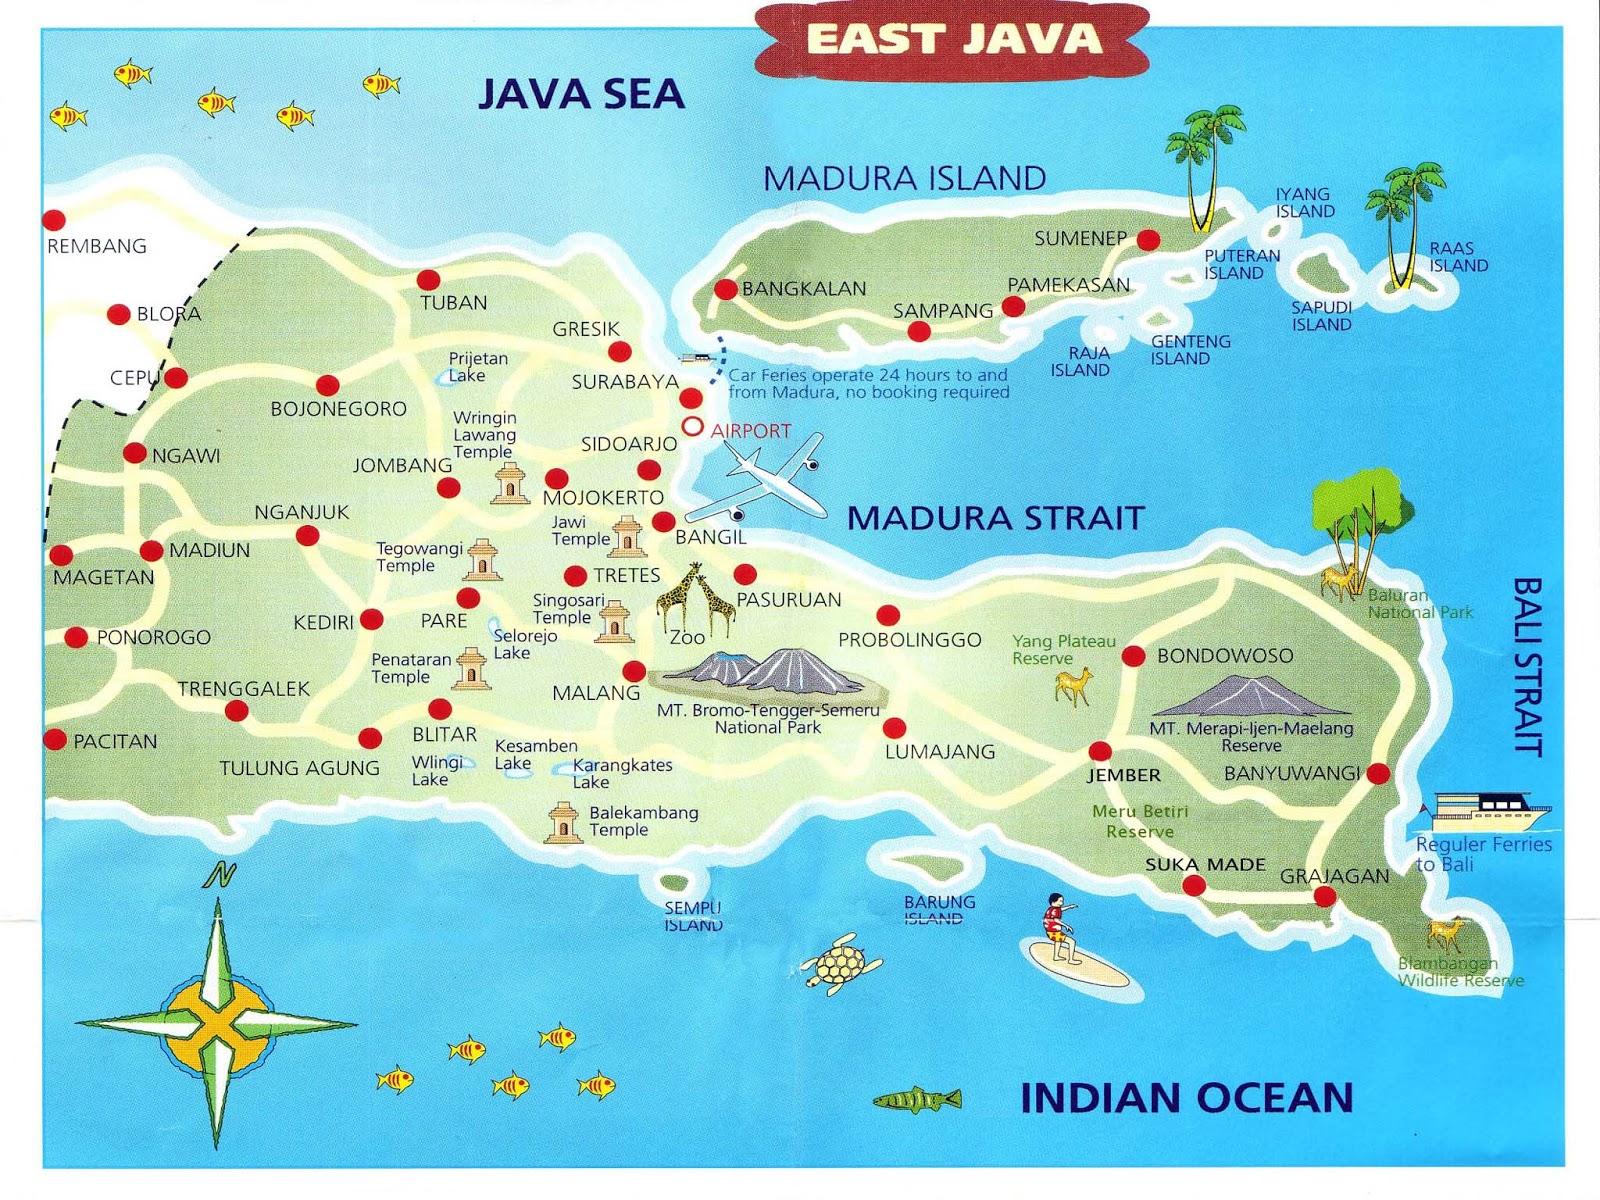 Map Of East Java Pulau Sapudi